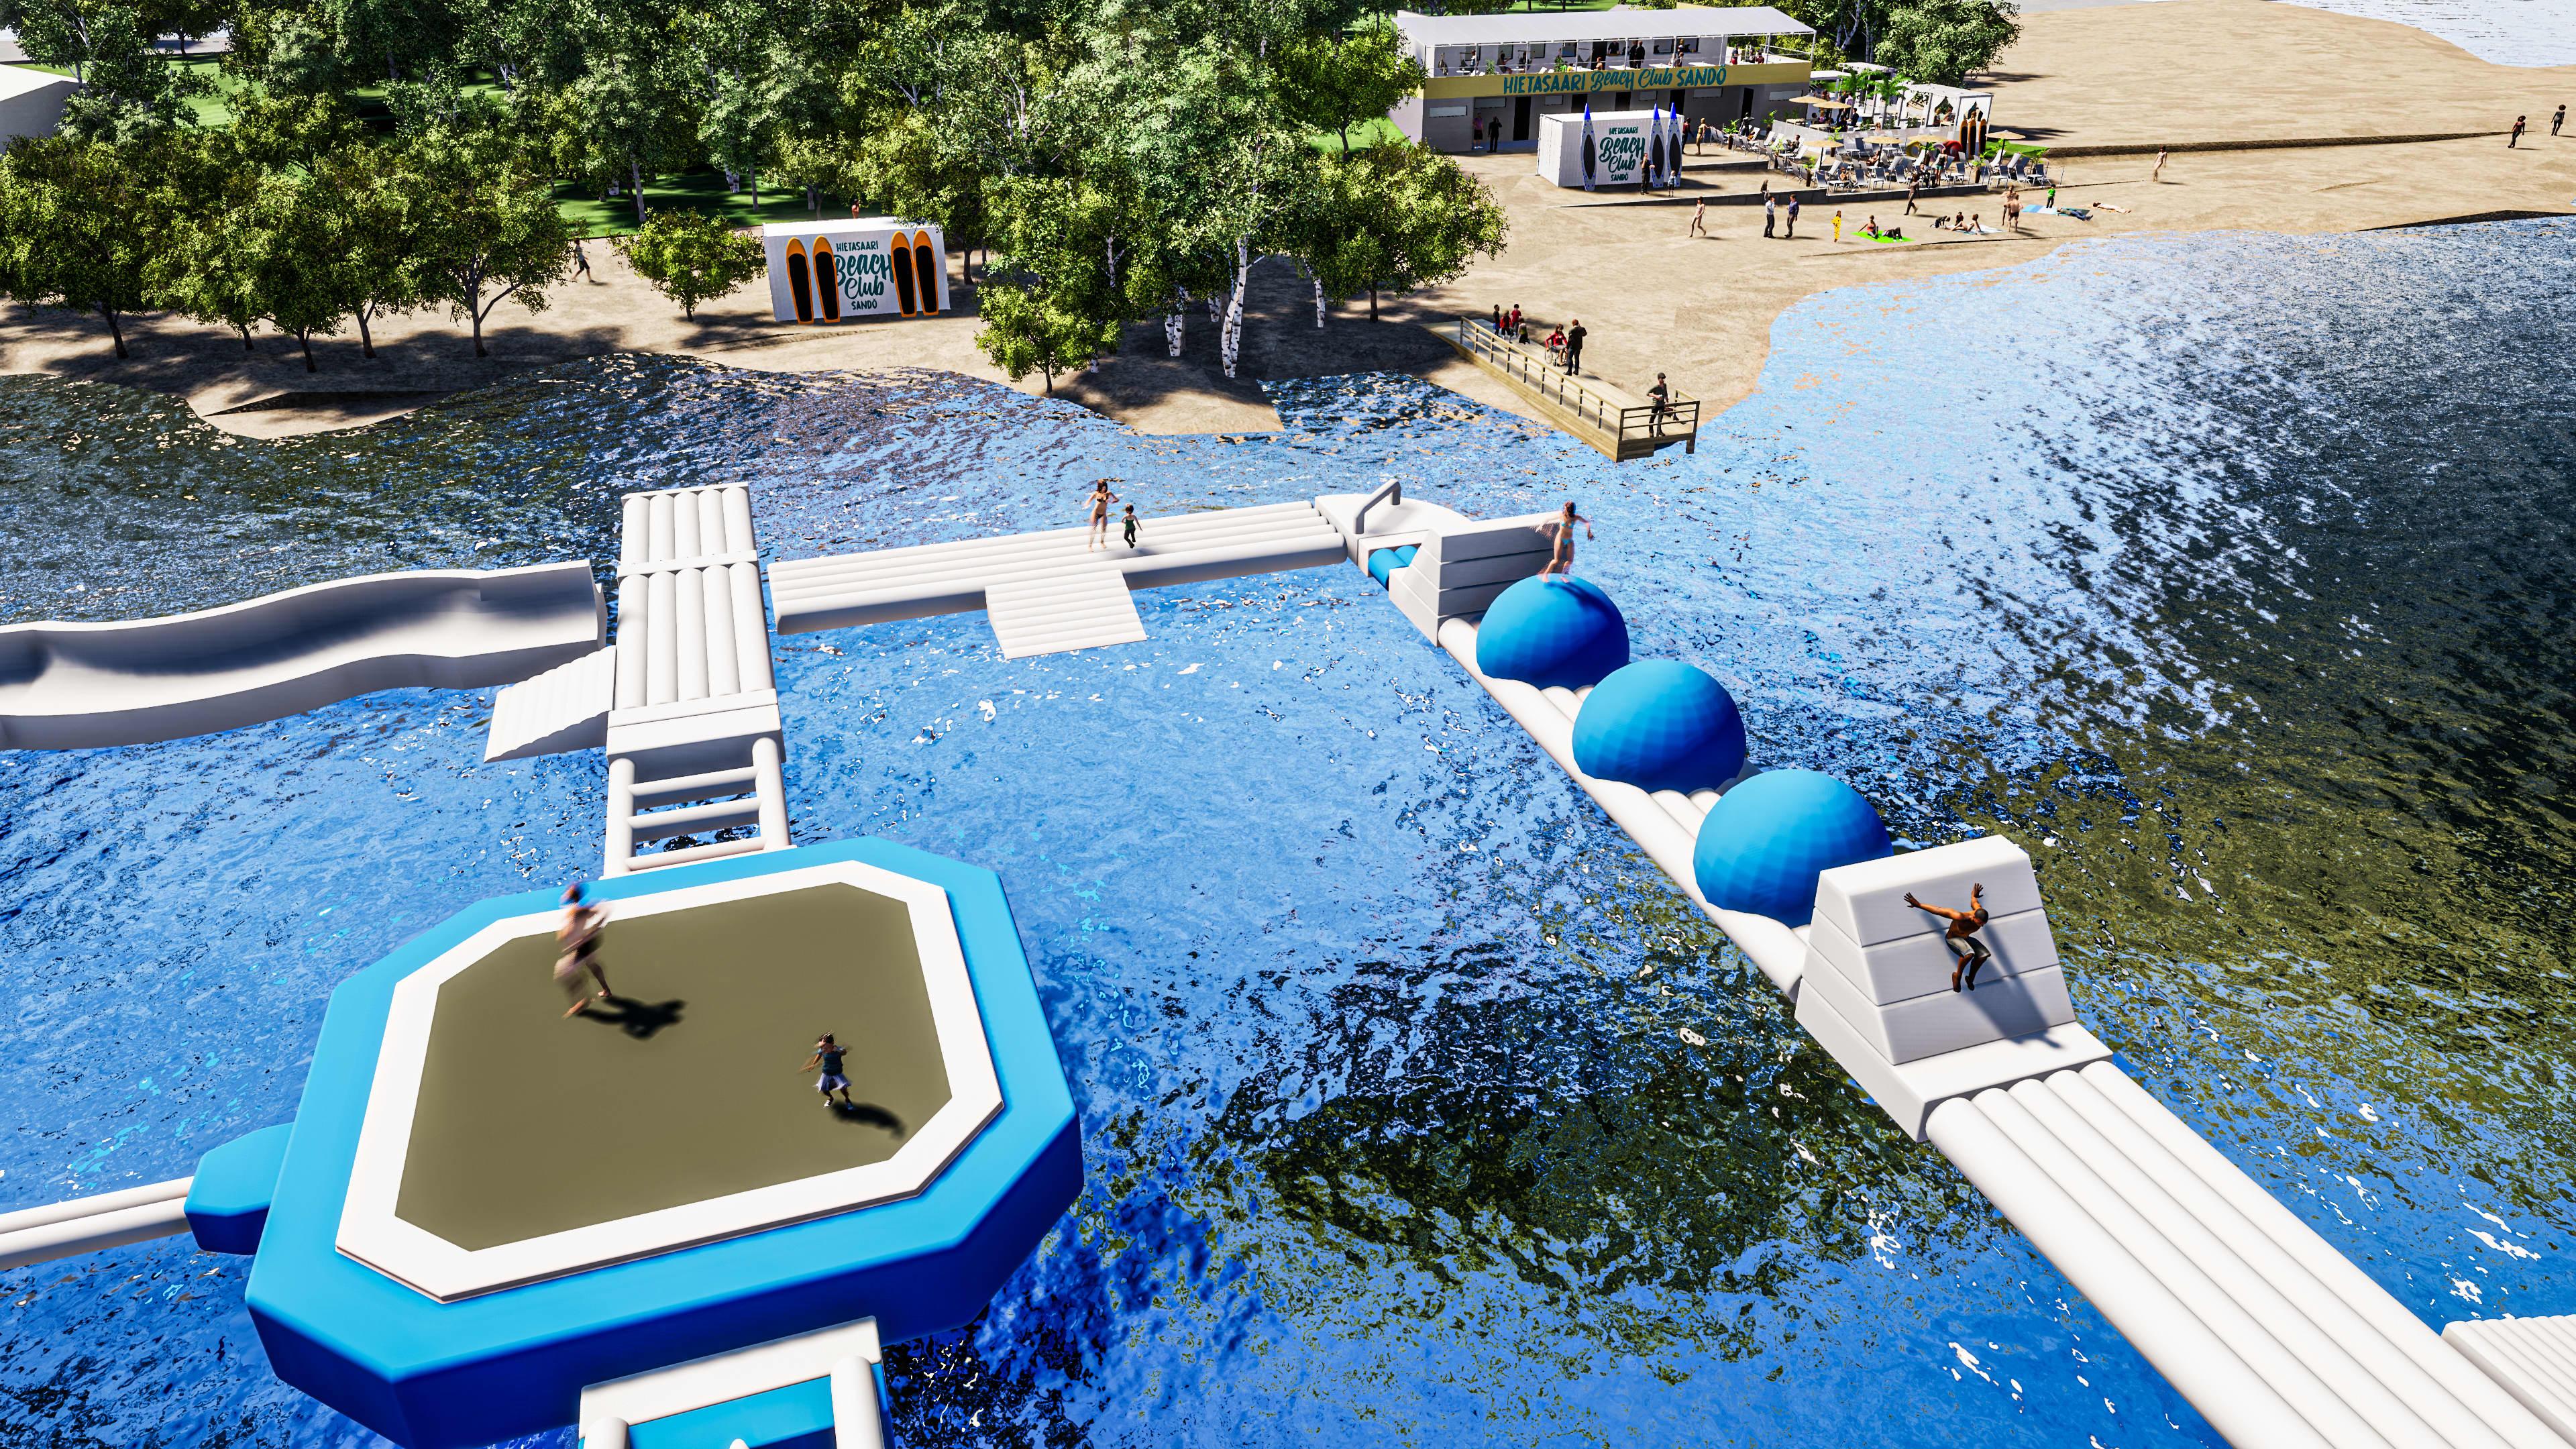 Havainnekuva kelluvasta vesipuistosta